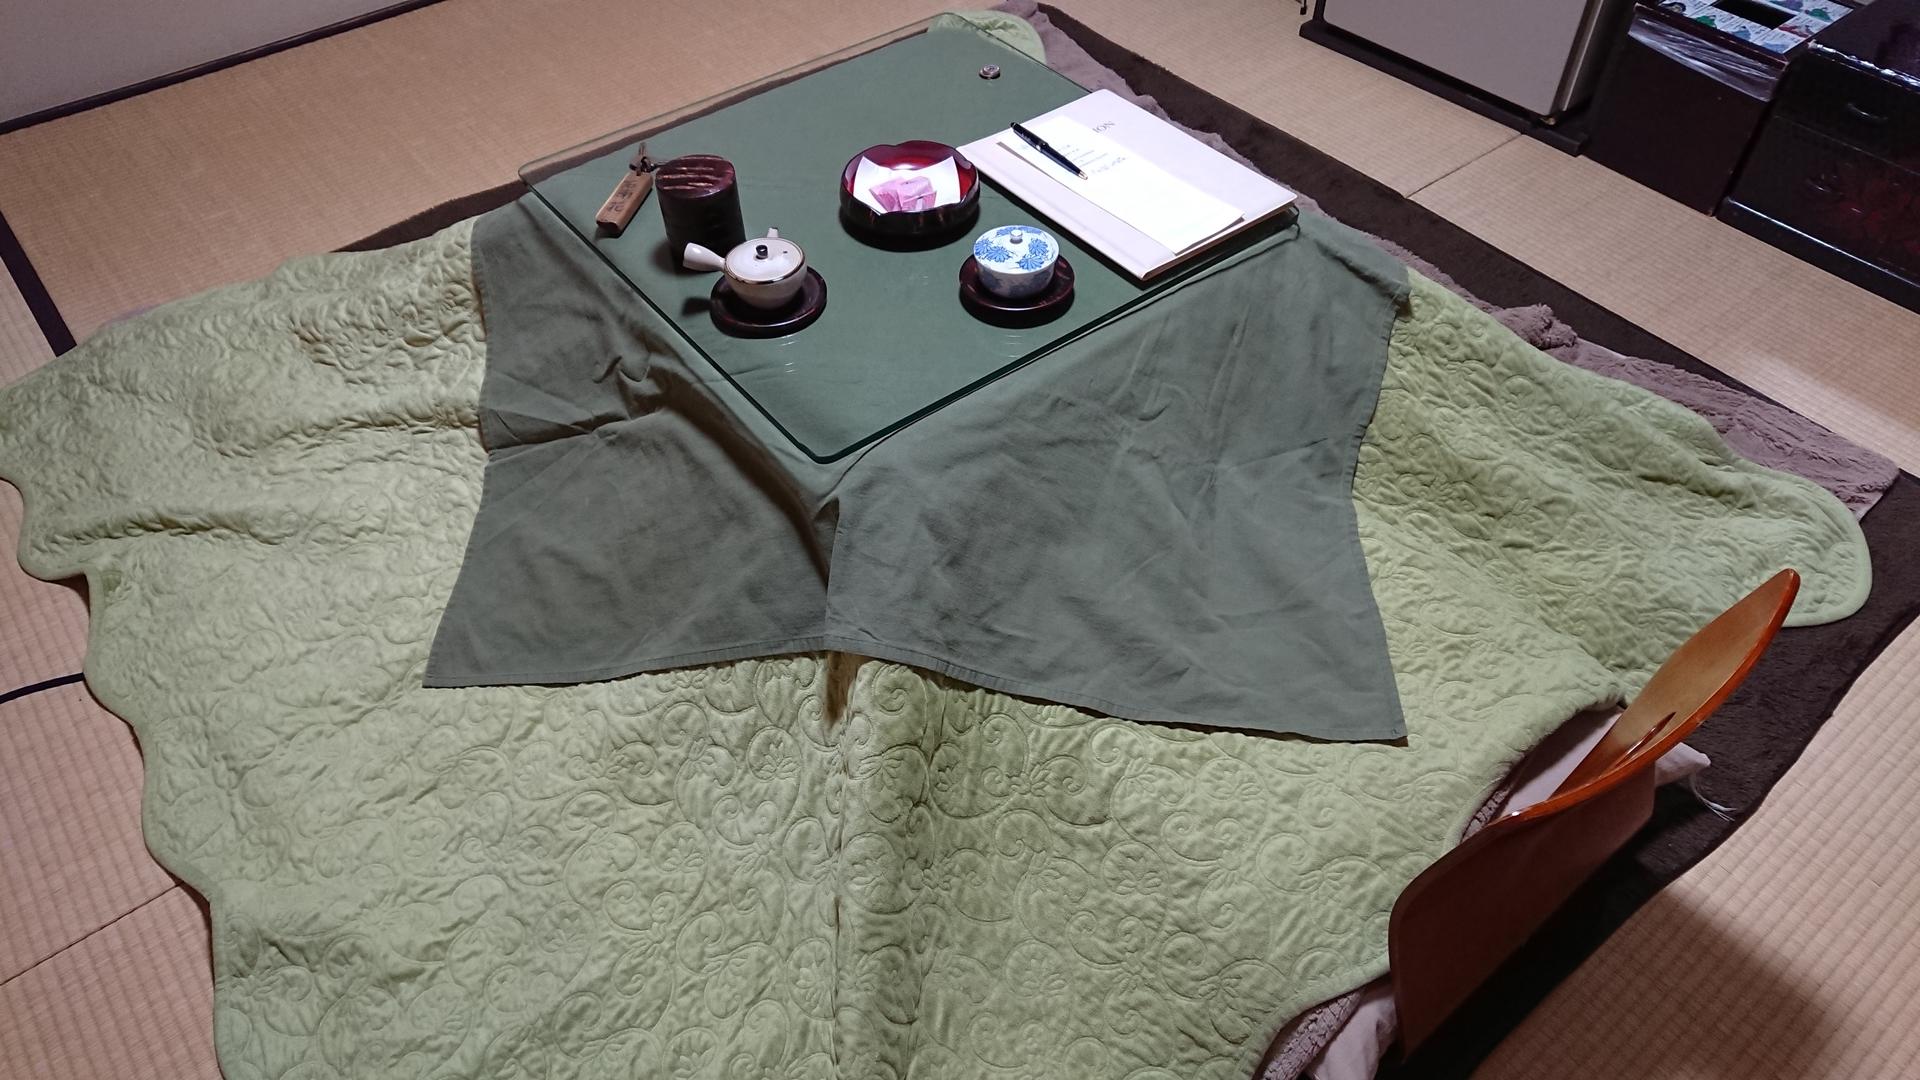 [아키타] 다에노유 온천 료칸 - 깔끔하고 세련된 온..